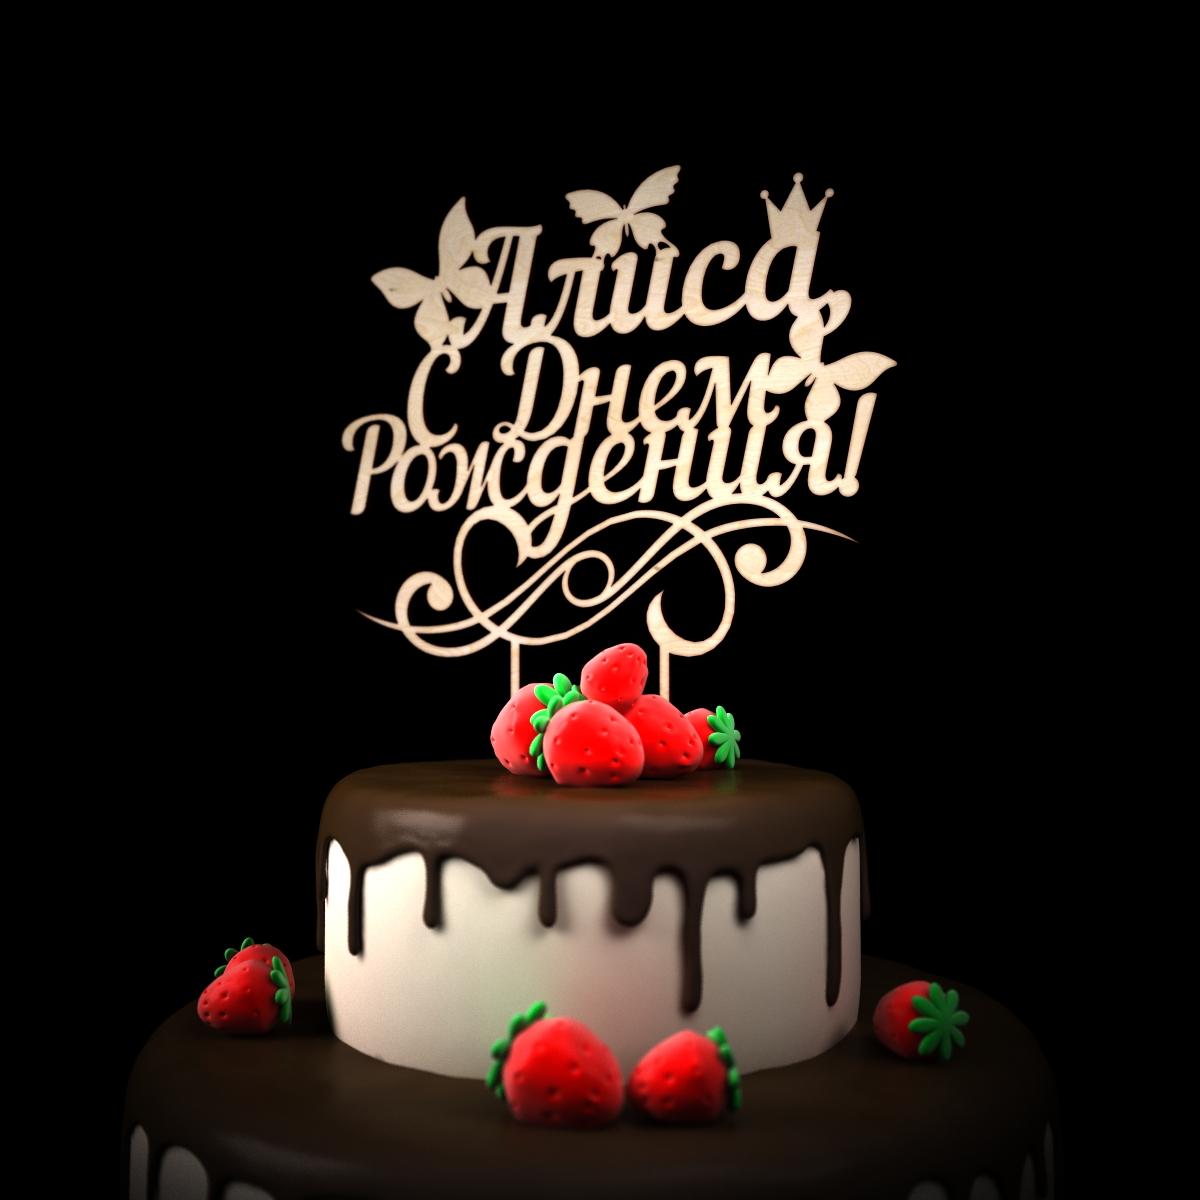 Поздравления для алисы с днем рождения 1 годик8